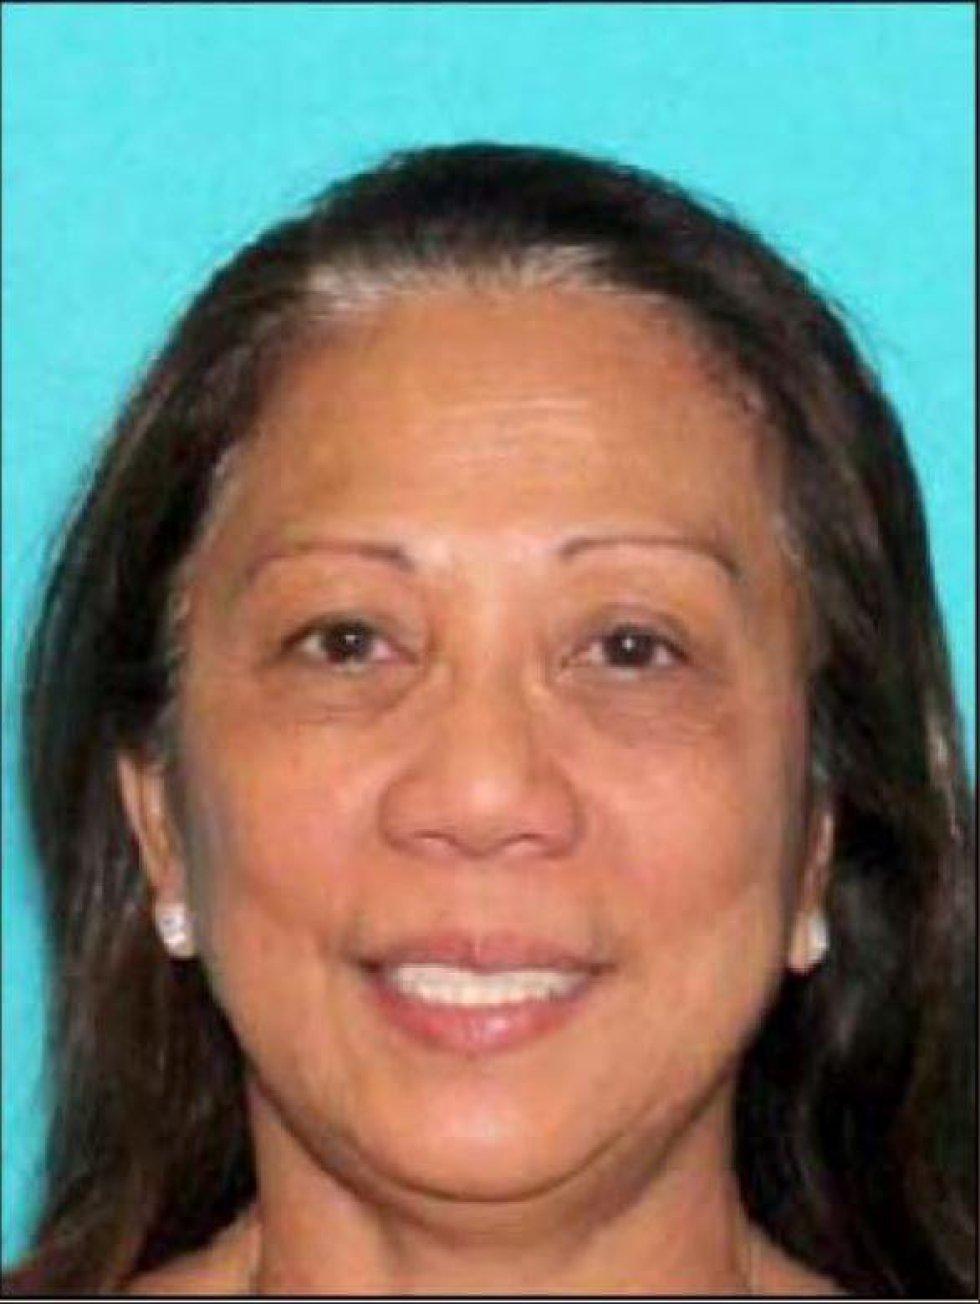 Fotografía de Marilou Danley, acompañante del presunto autor del tiroteo indiscriminado registrado en Las Vegas.